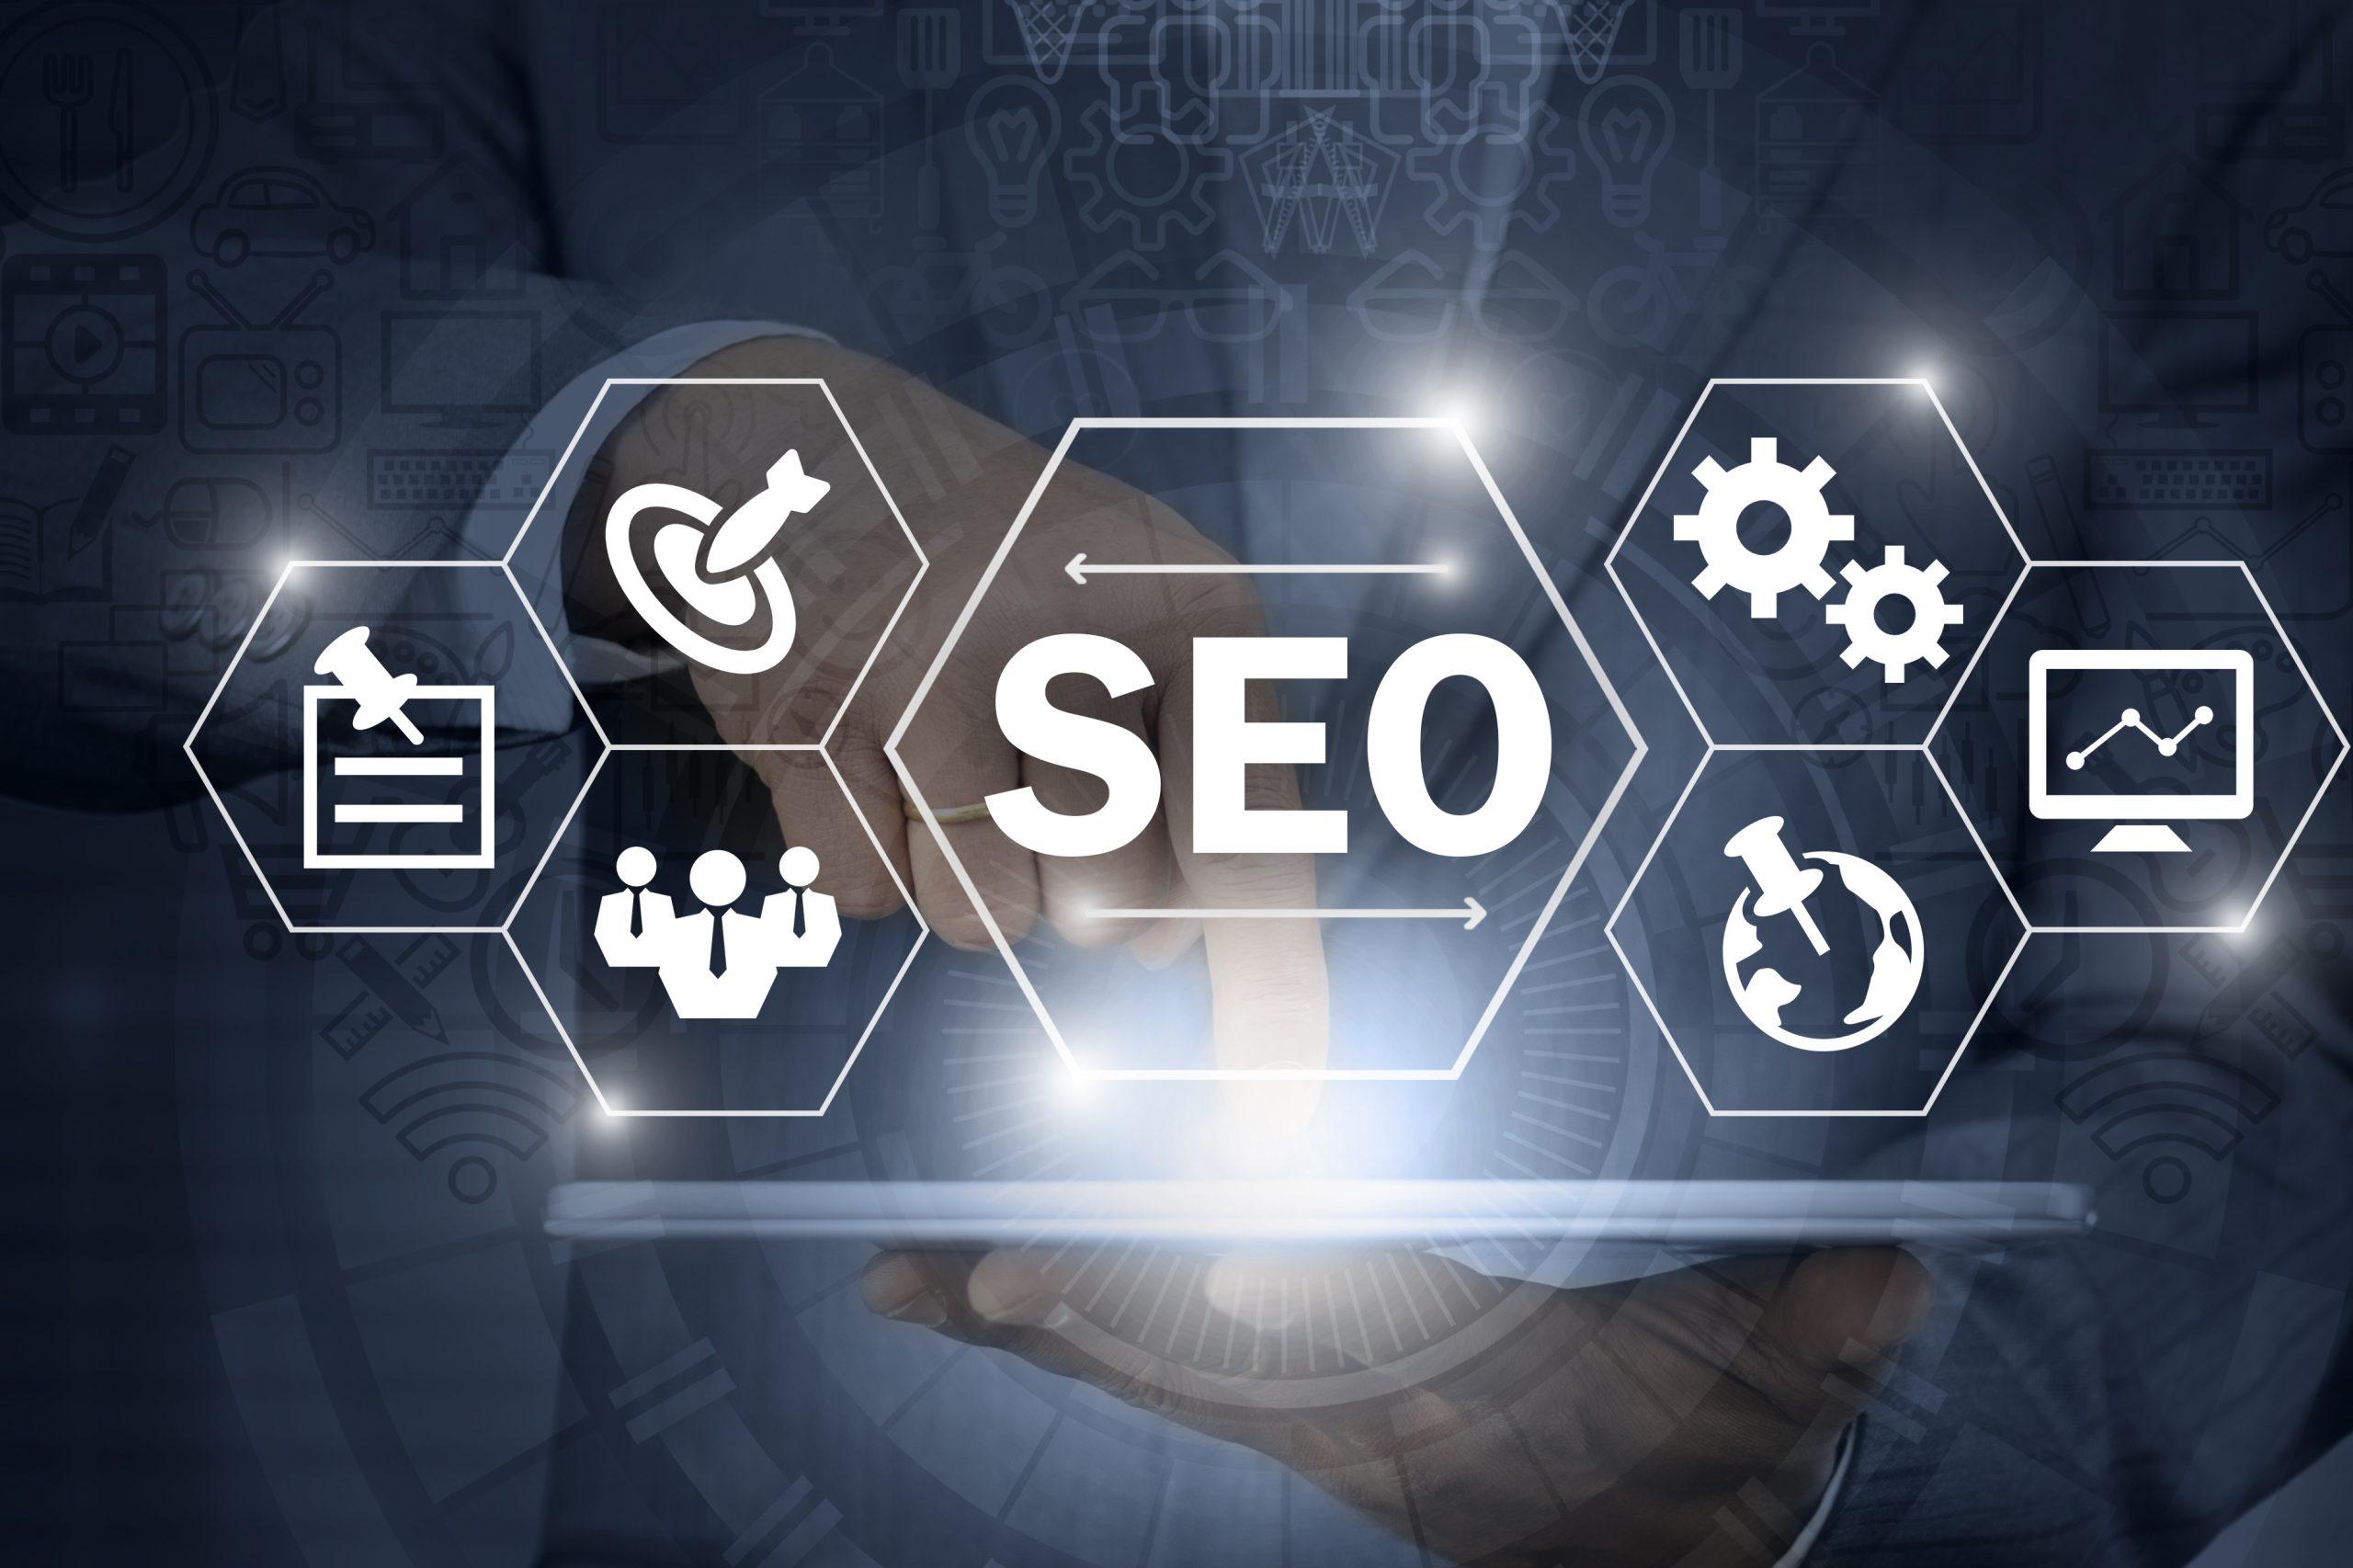 خدمات سئو سایت چیست و شامل چه مواردی میشود؟